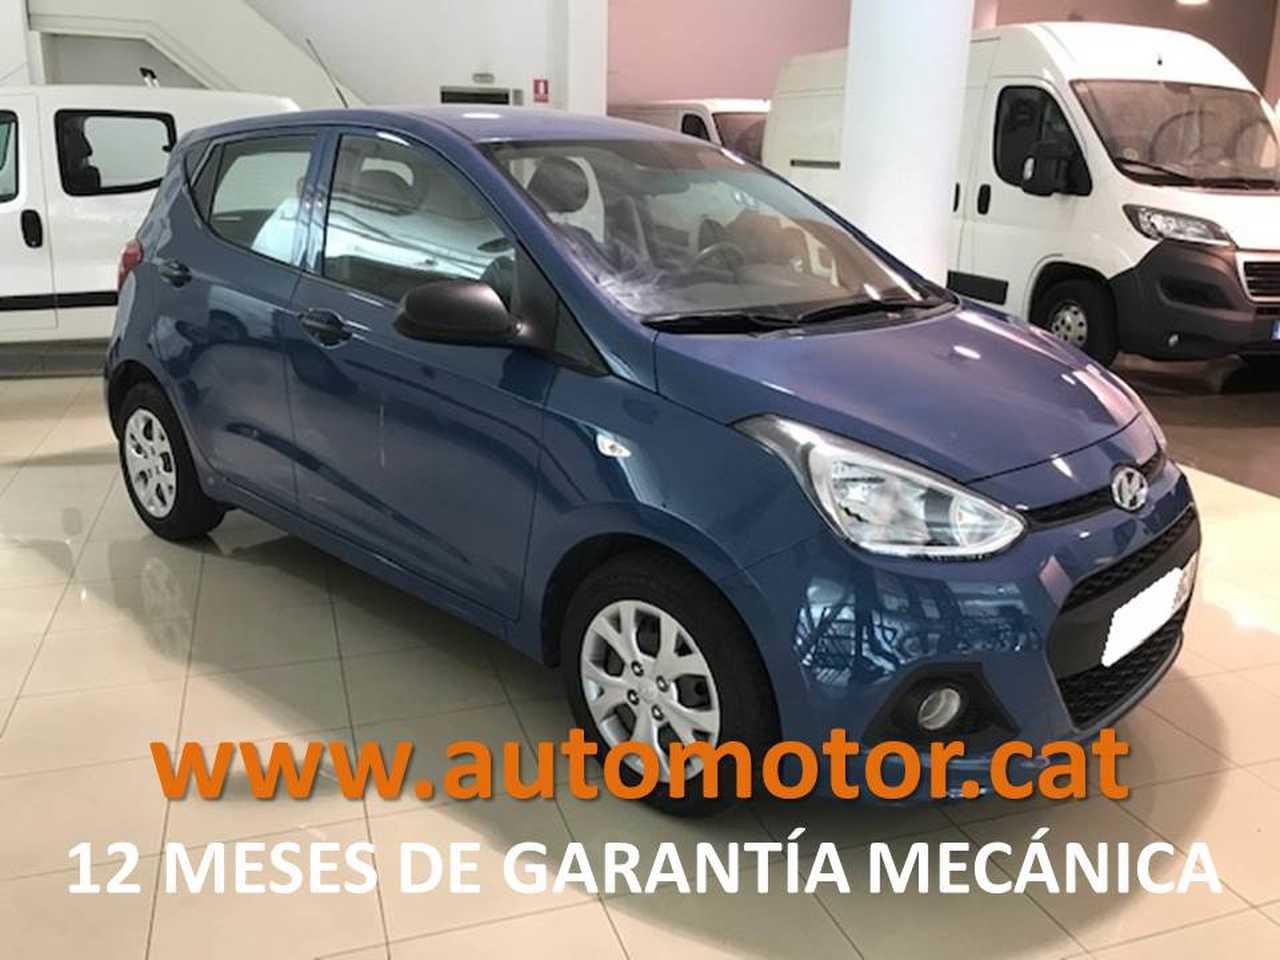 Hyundai i10 1.0 Klass - GARANTIA MECANICA  - Foto 1